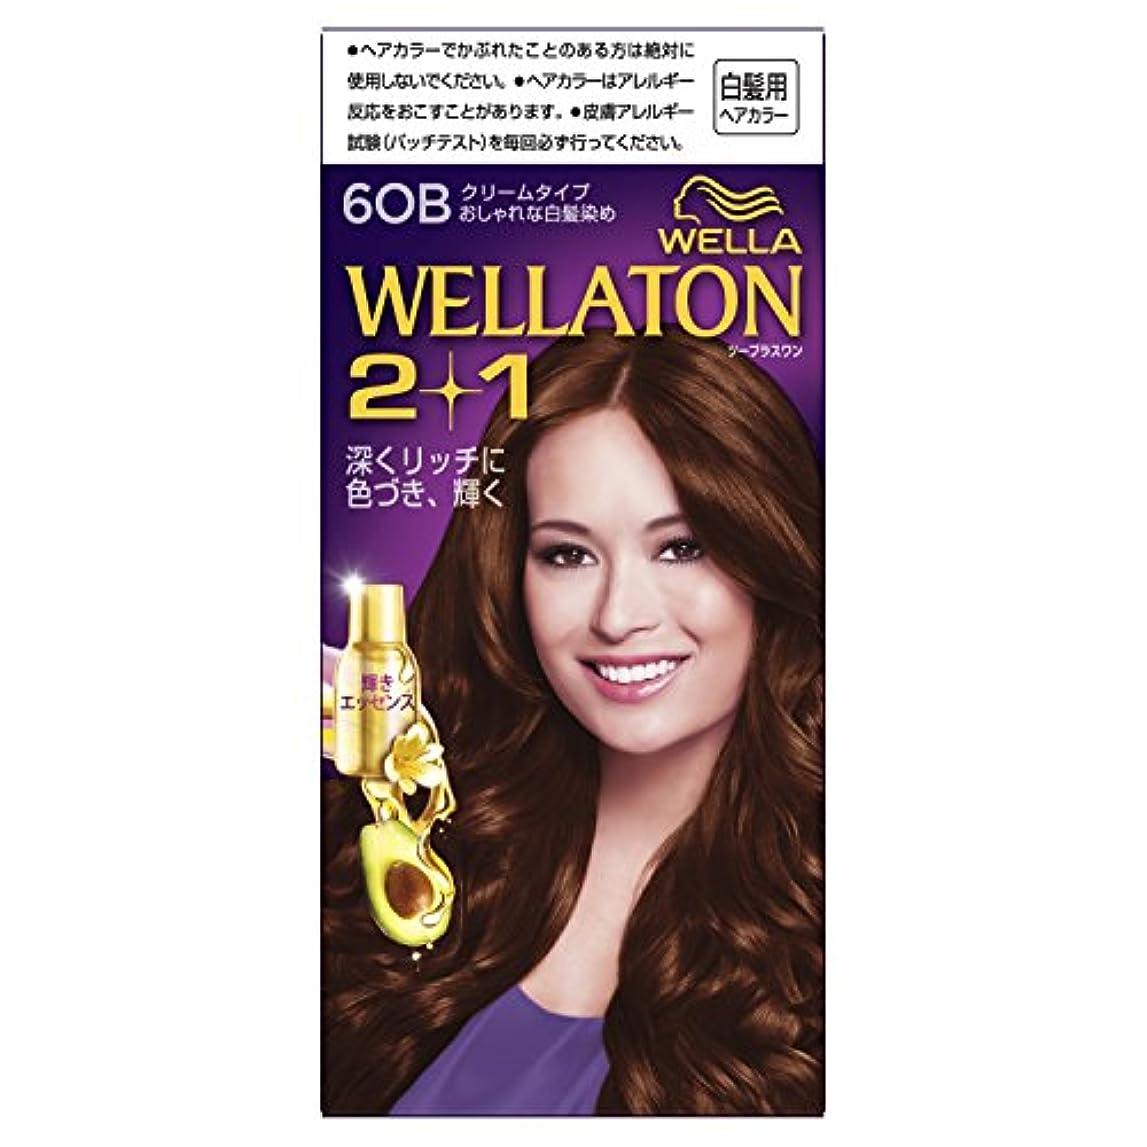 コントロール削除する広告主ウエラトーン2+1 クリームタイプ 6OB [医薬部外品](おしゃれな白髪染め)